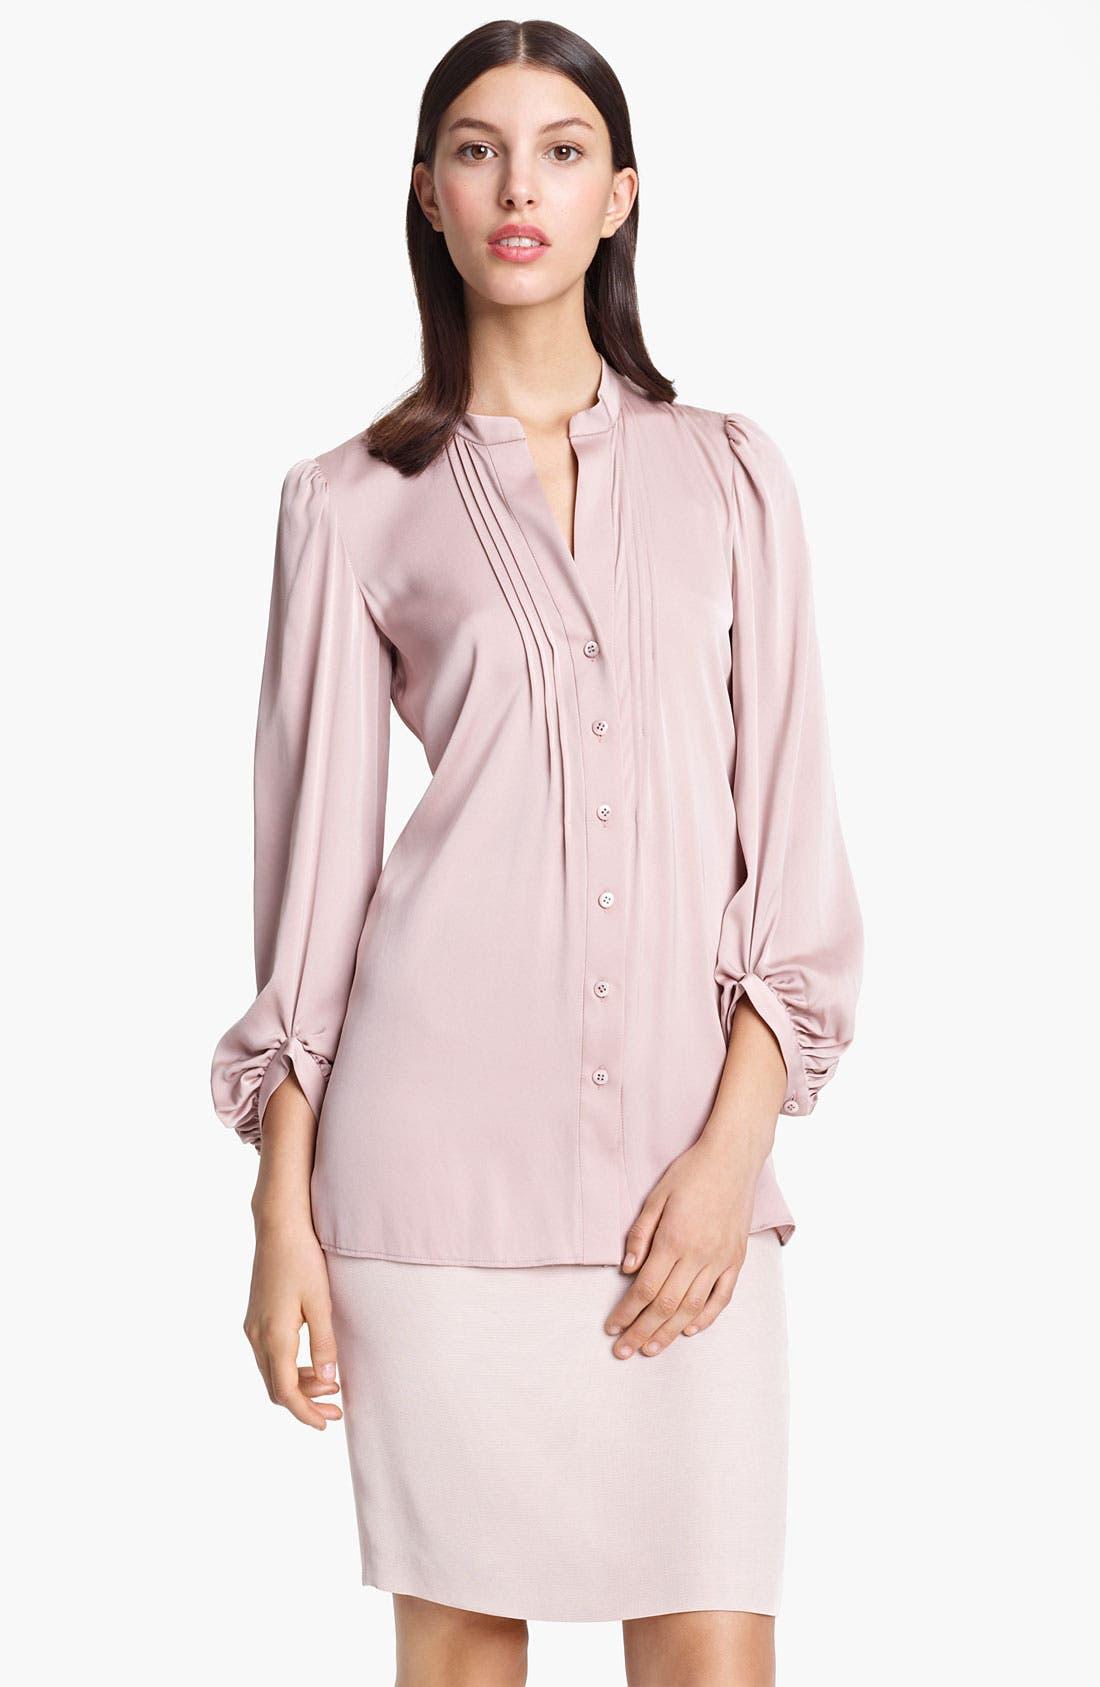 Main Image - Armani Collezioni Pleated Stretch Silk Blouse